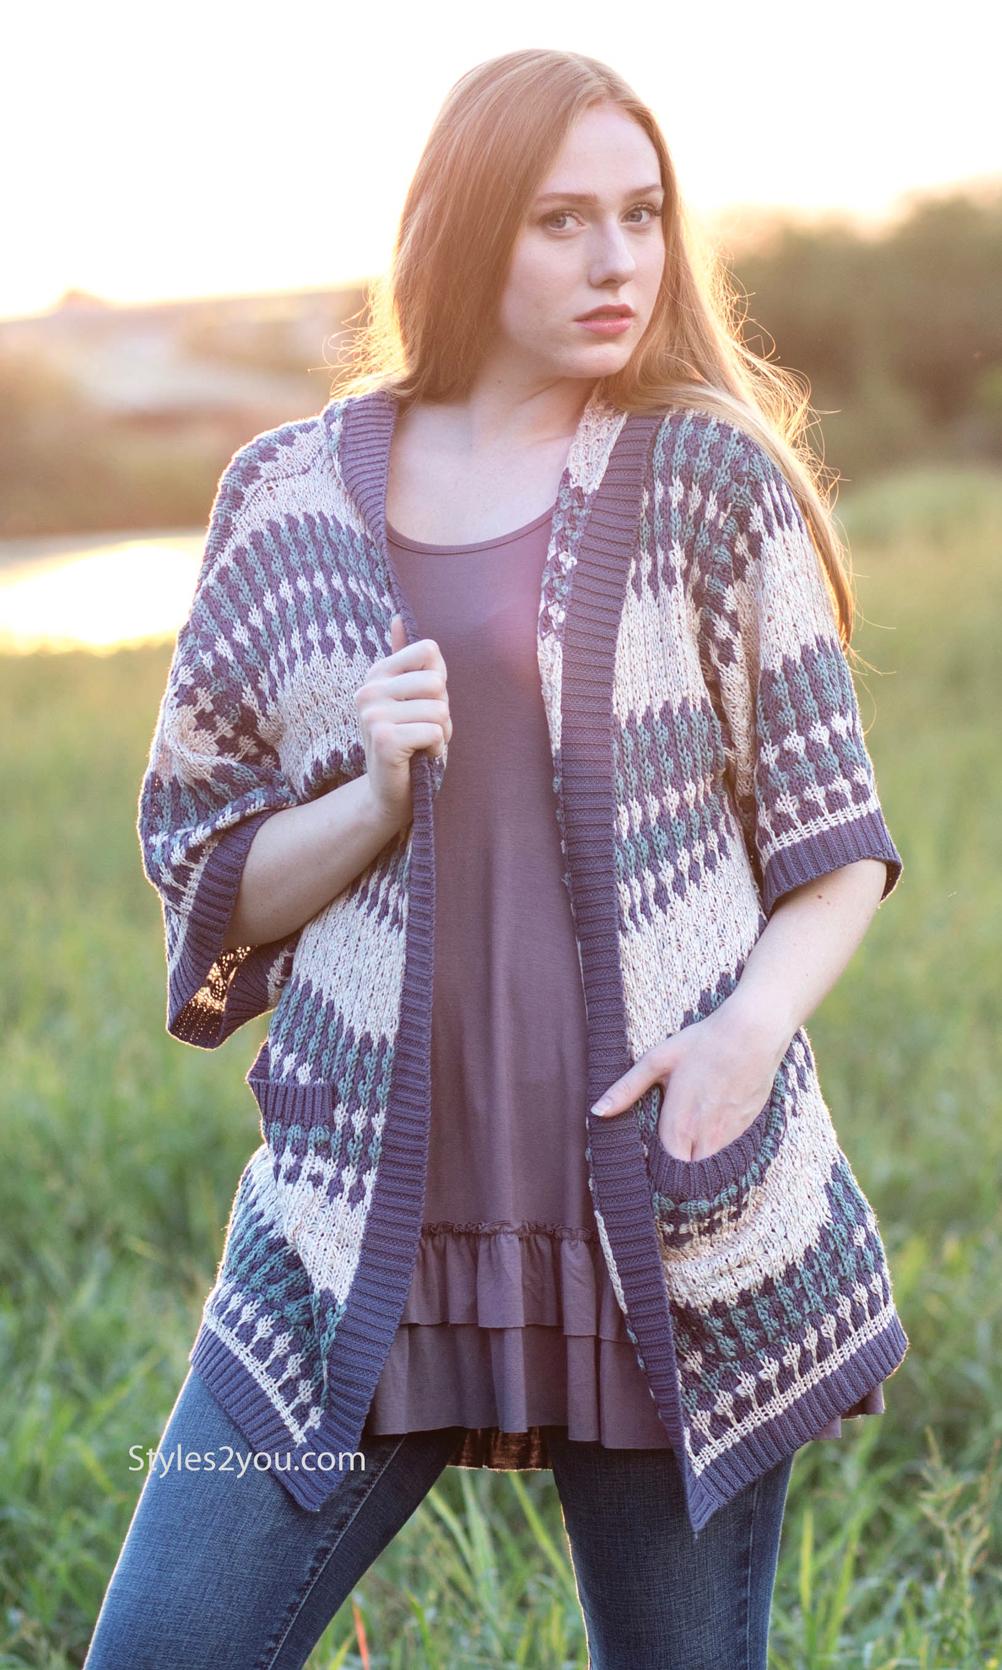 England Oversized Hoodie Sweater Cardigan In Teal Et7950 Te Easel Ladies Sweater 56 00